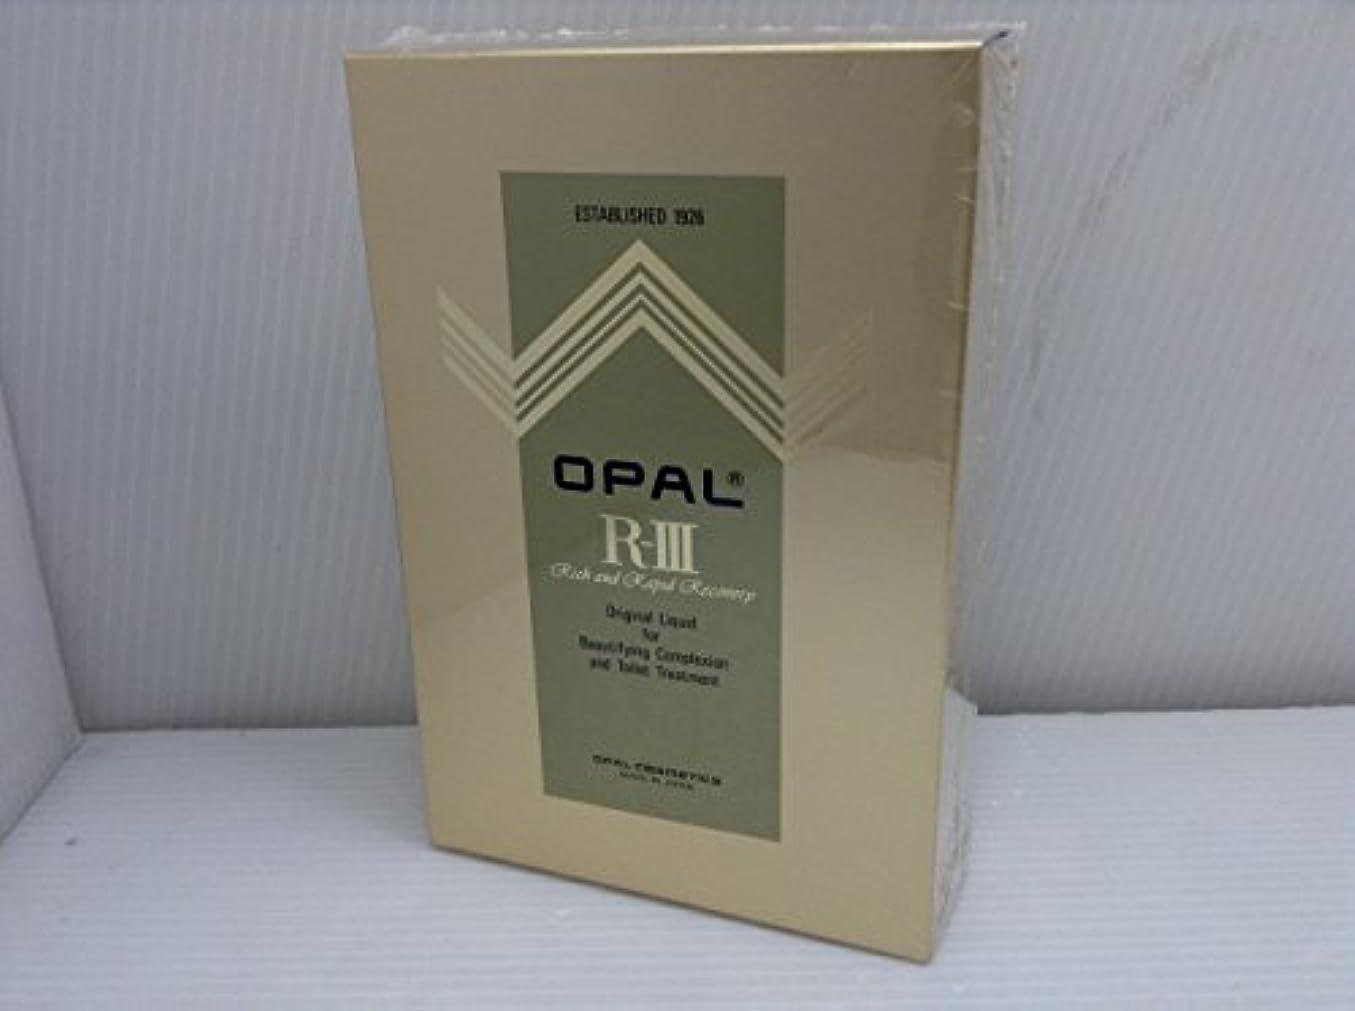 価格ストロークマグオパール化粧品 美容原液 薬用オパール R-III (460ml)